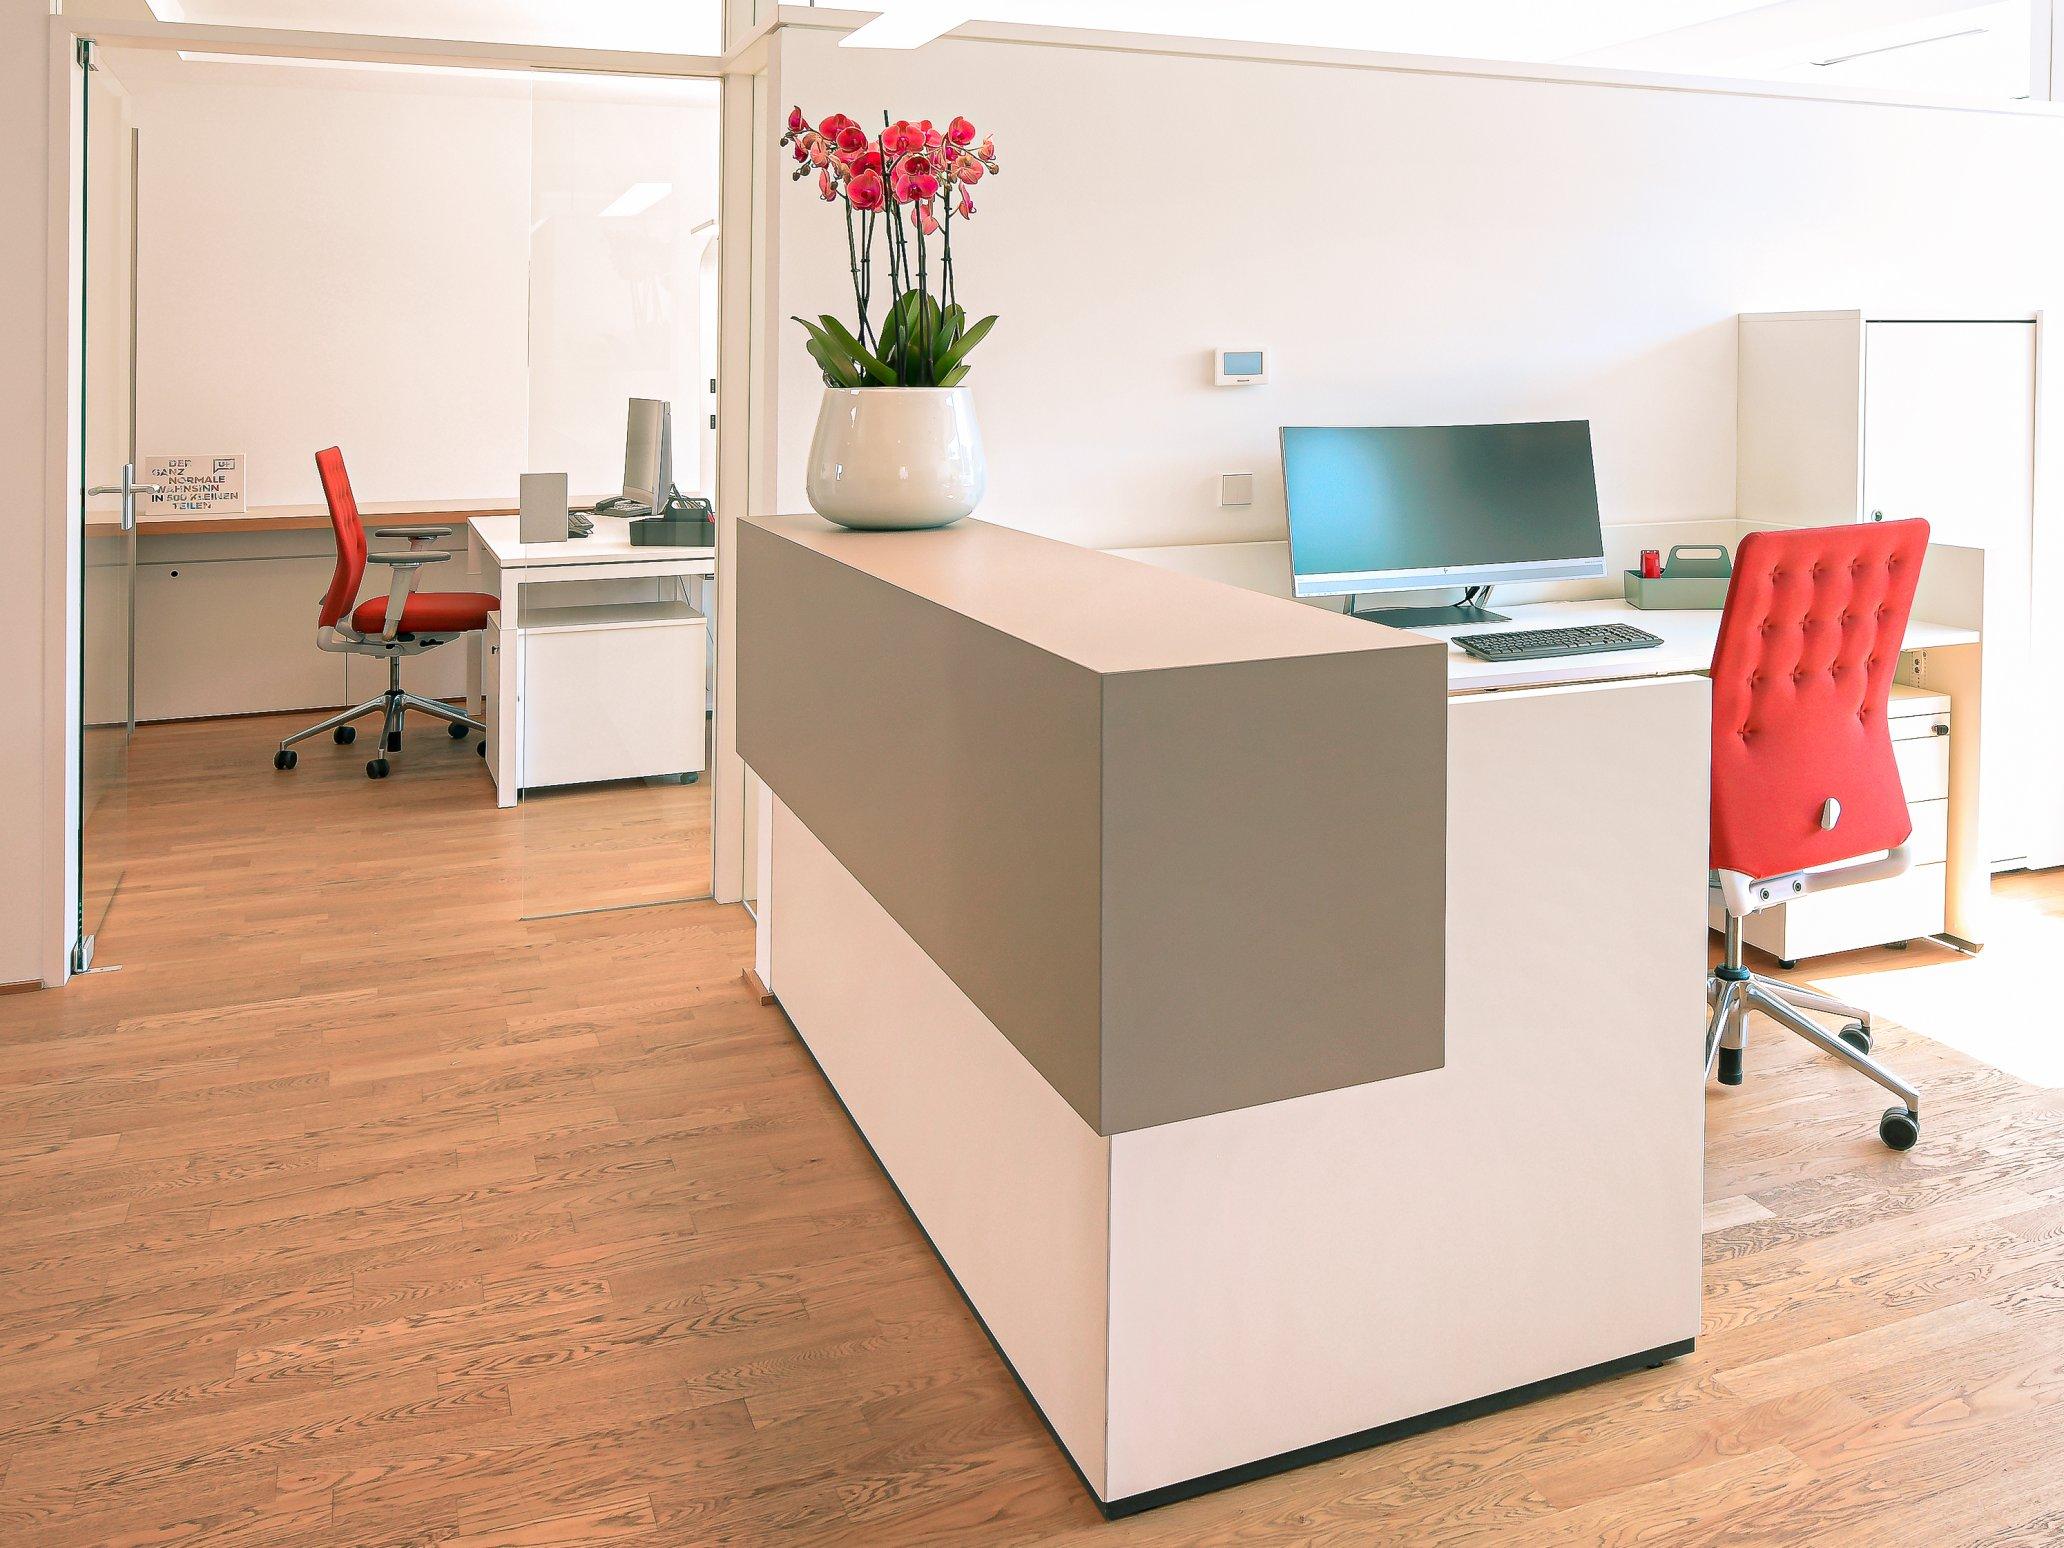 smow Stuttgart, Unternehmen für Fassadenpflege